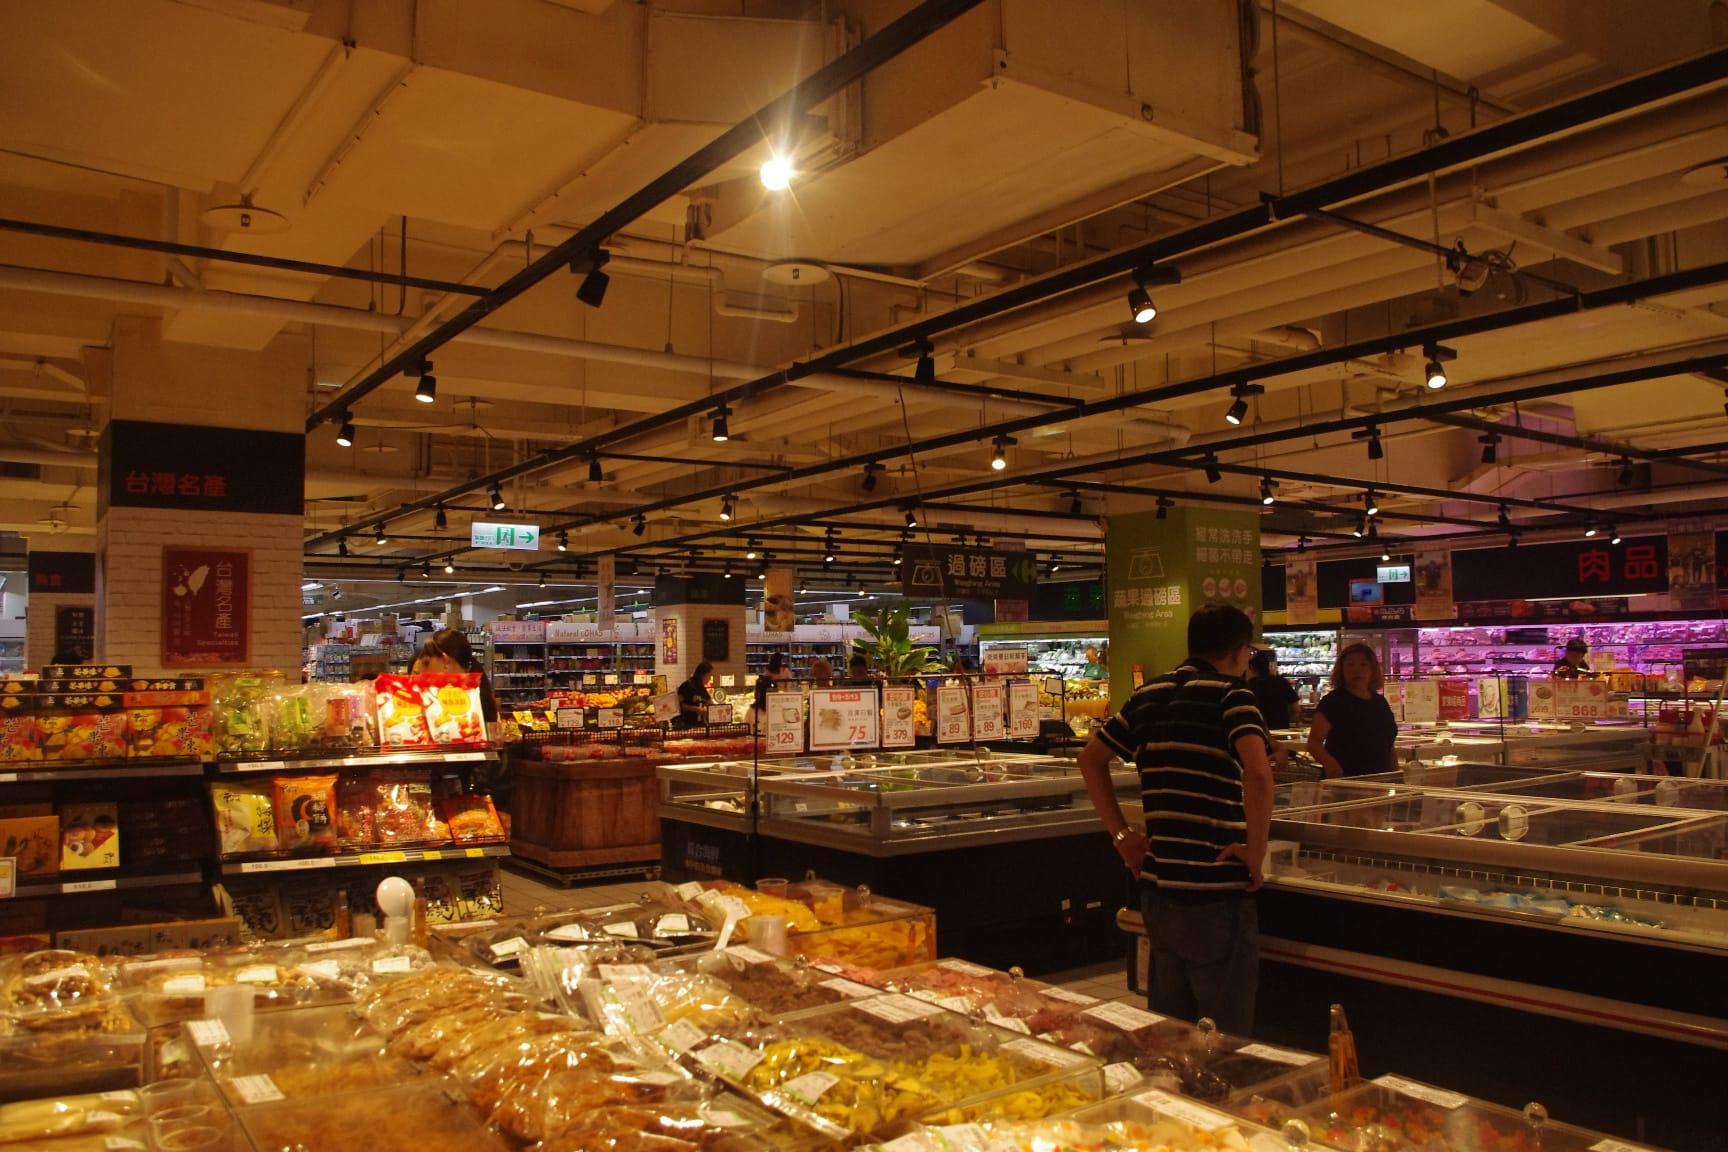 カルフール: 大型スーパー・モール(食品グルメ・お菓子・雑貨のお土産)売り場